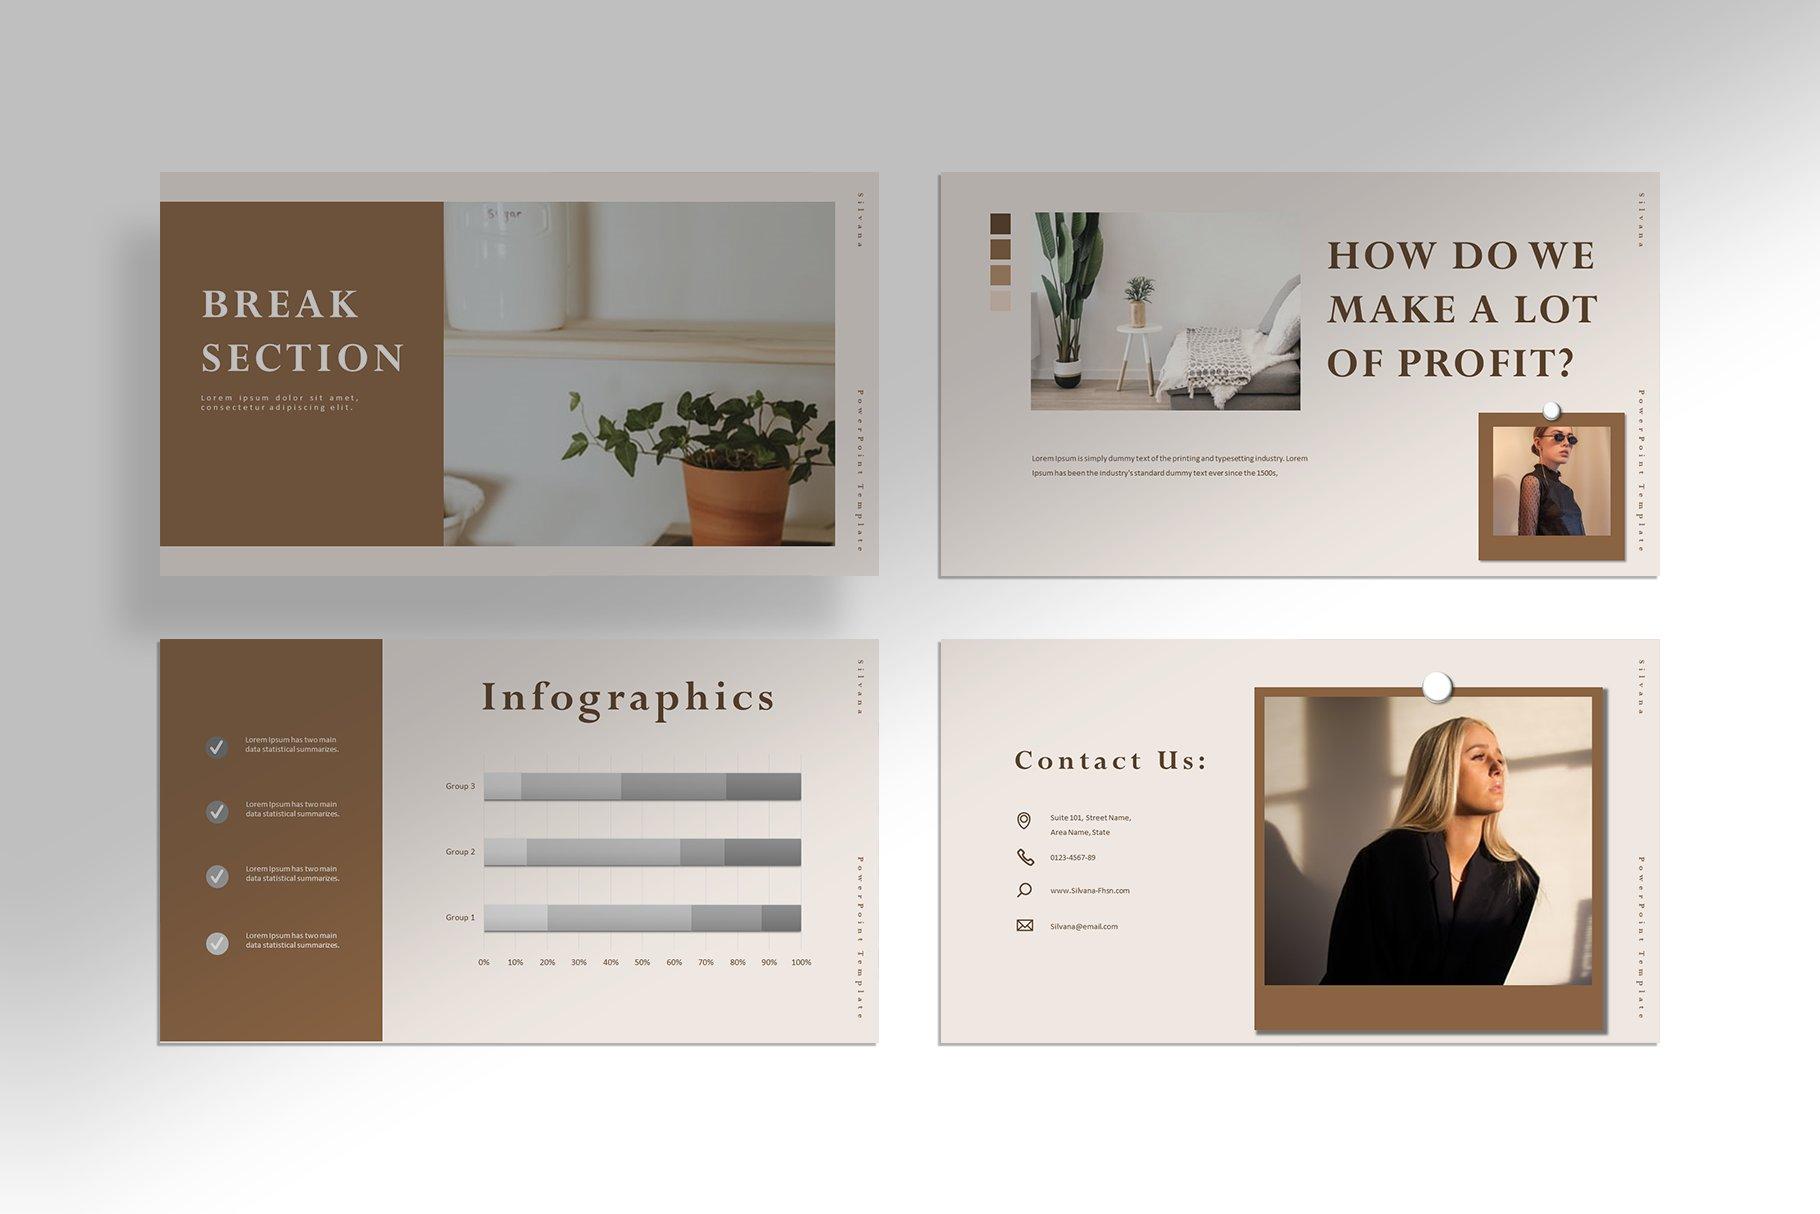 极简女性服装摄影作品集图文排版PPT幻灯片设计模板 Silvana – Presentation Template插图(6)